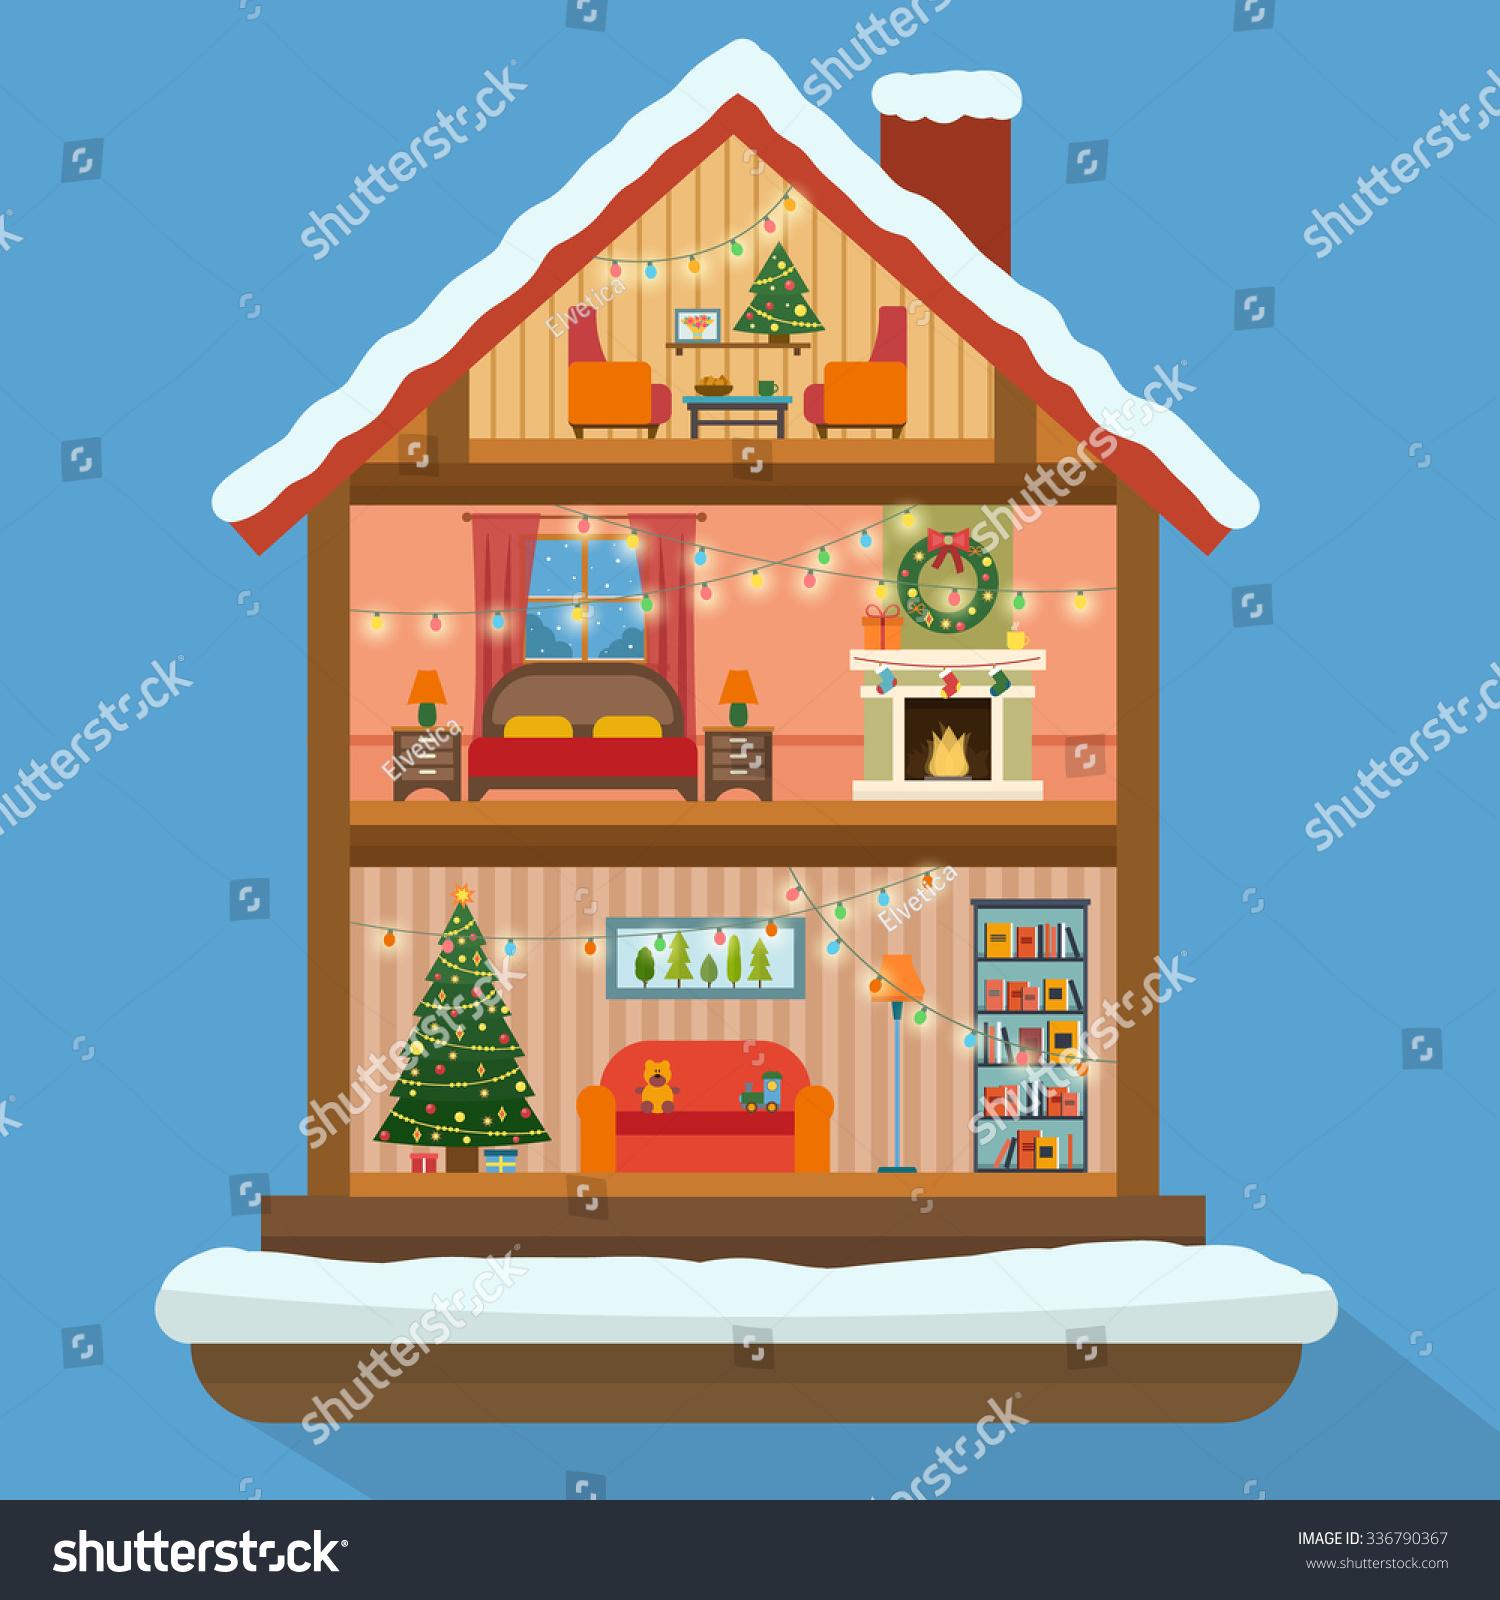 Christmas house cut snow house interior stock vector for Christmas house music